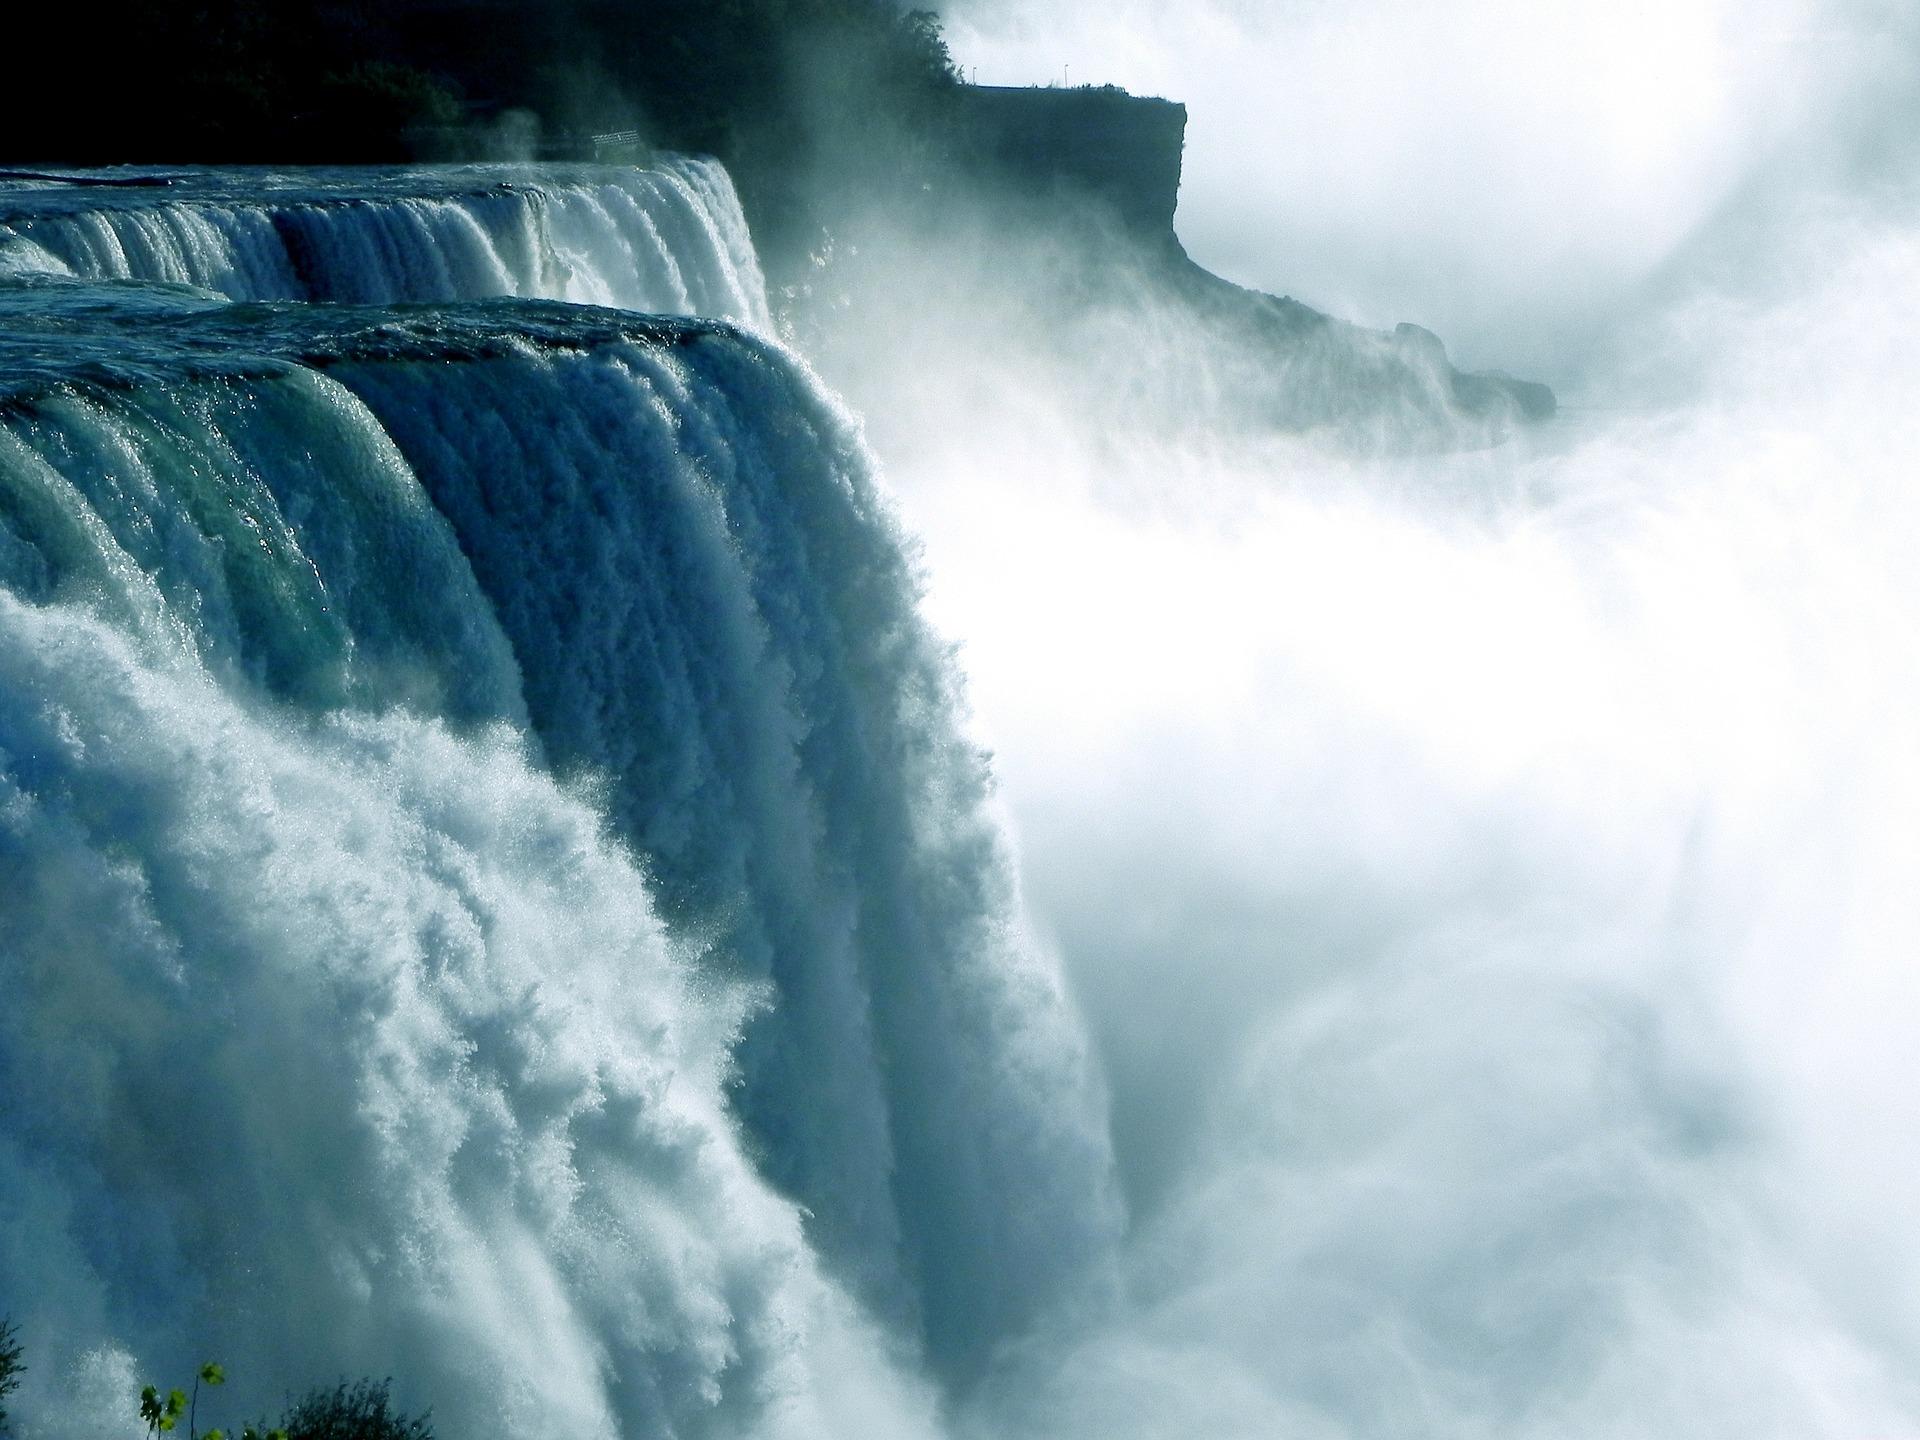 Os métodos mais comuns de purificação de água em casa,  Água de fusão de cozinha,  Água fervente adequada, Pedras naturais para tratamento de água